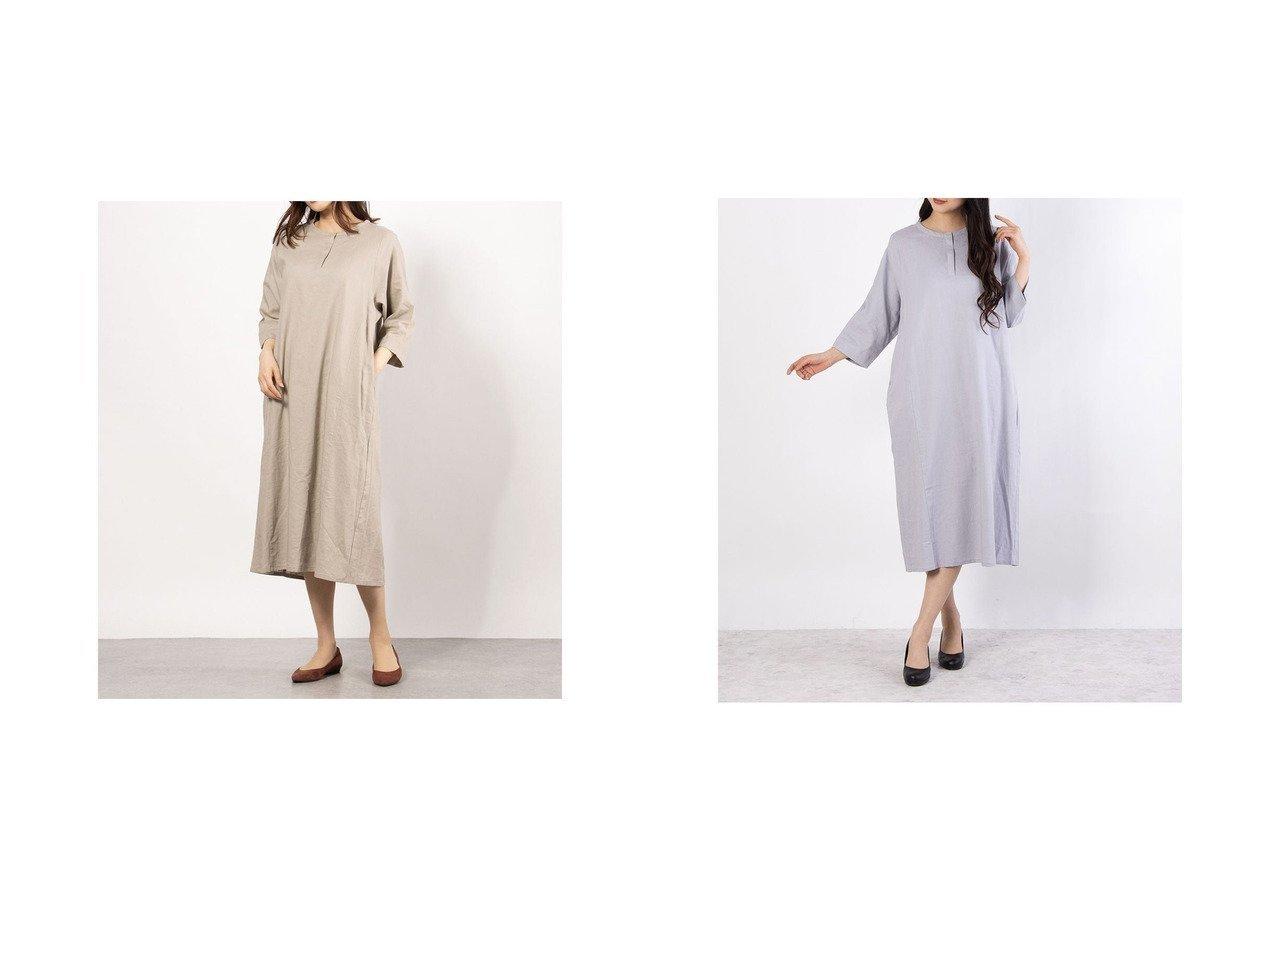 【COMME CA ISM/コムサイズム】のアッパッパ スキッパーワンピース 【ワンピース・ドレス】おすすめ!人気、トレンド・レディースファッションの通販 おすすめで人気の流行・トレンド、ファッションの通販商品 インテリア・家具・メンズファッション・キッズファッション・レディースファッション・服の通販 founy(ファニー) https://founy.com/ ファッション Fashion レディースファッション WOMEN ワンピース Dress 春 Spring スキッパー 人気 バランス ポケット リネン ワイド 2021年 2021 S/S・春夏 SS・Spring/Summer 2021春夏・S/S SS/Spring/Summer/2021  ID:crp329100000041749